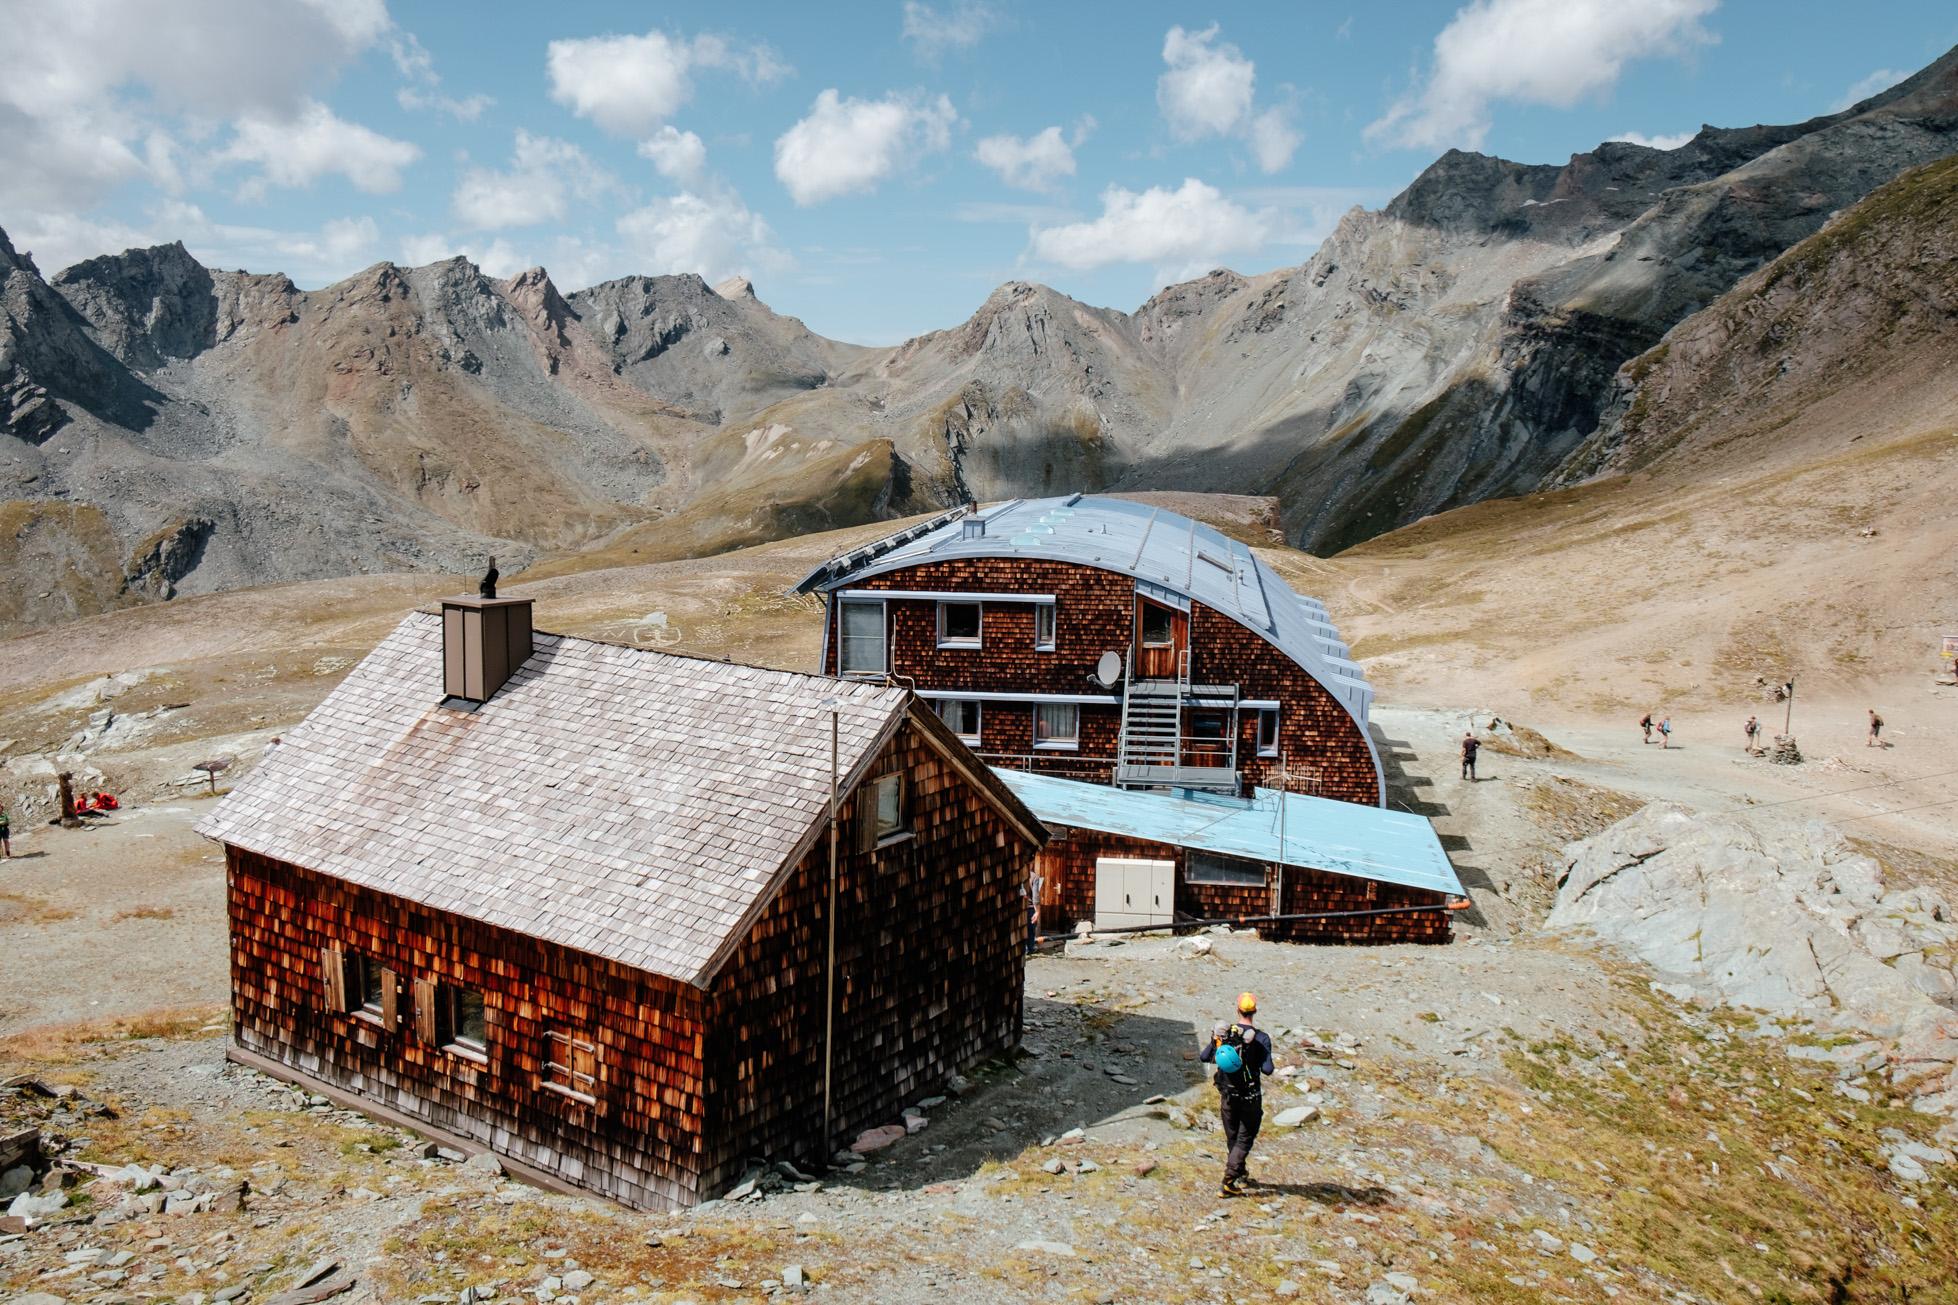 Stüdlhütte anno jetzt. Foto: Simon Schöpf